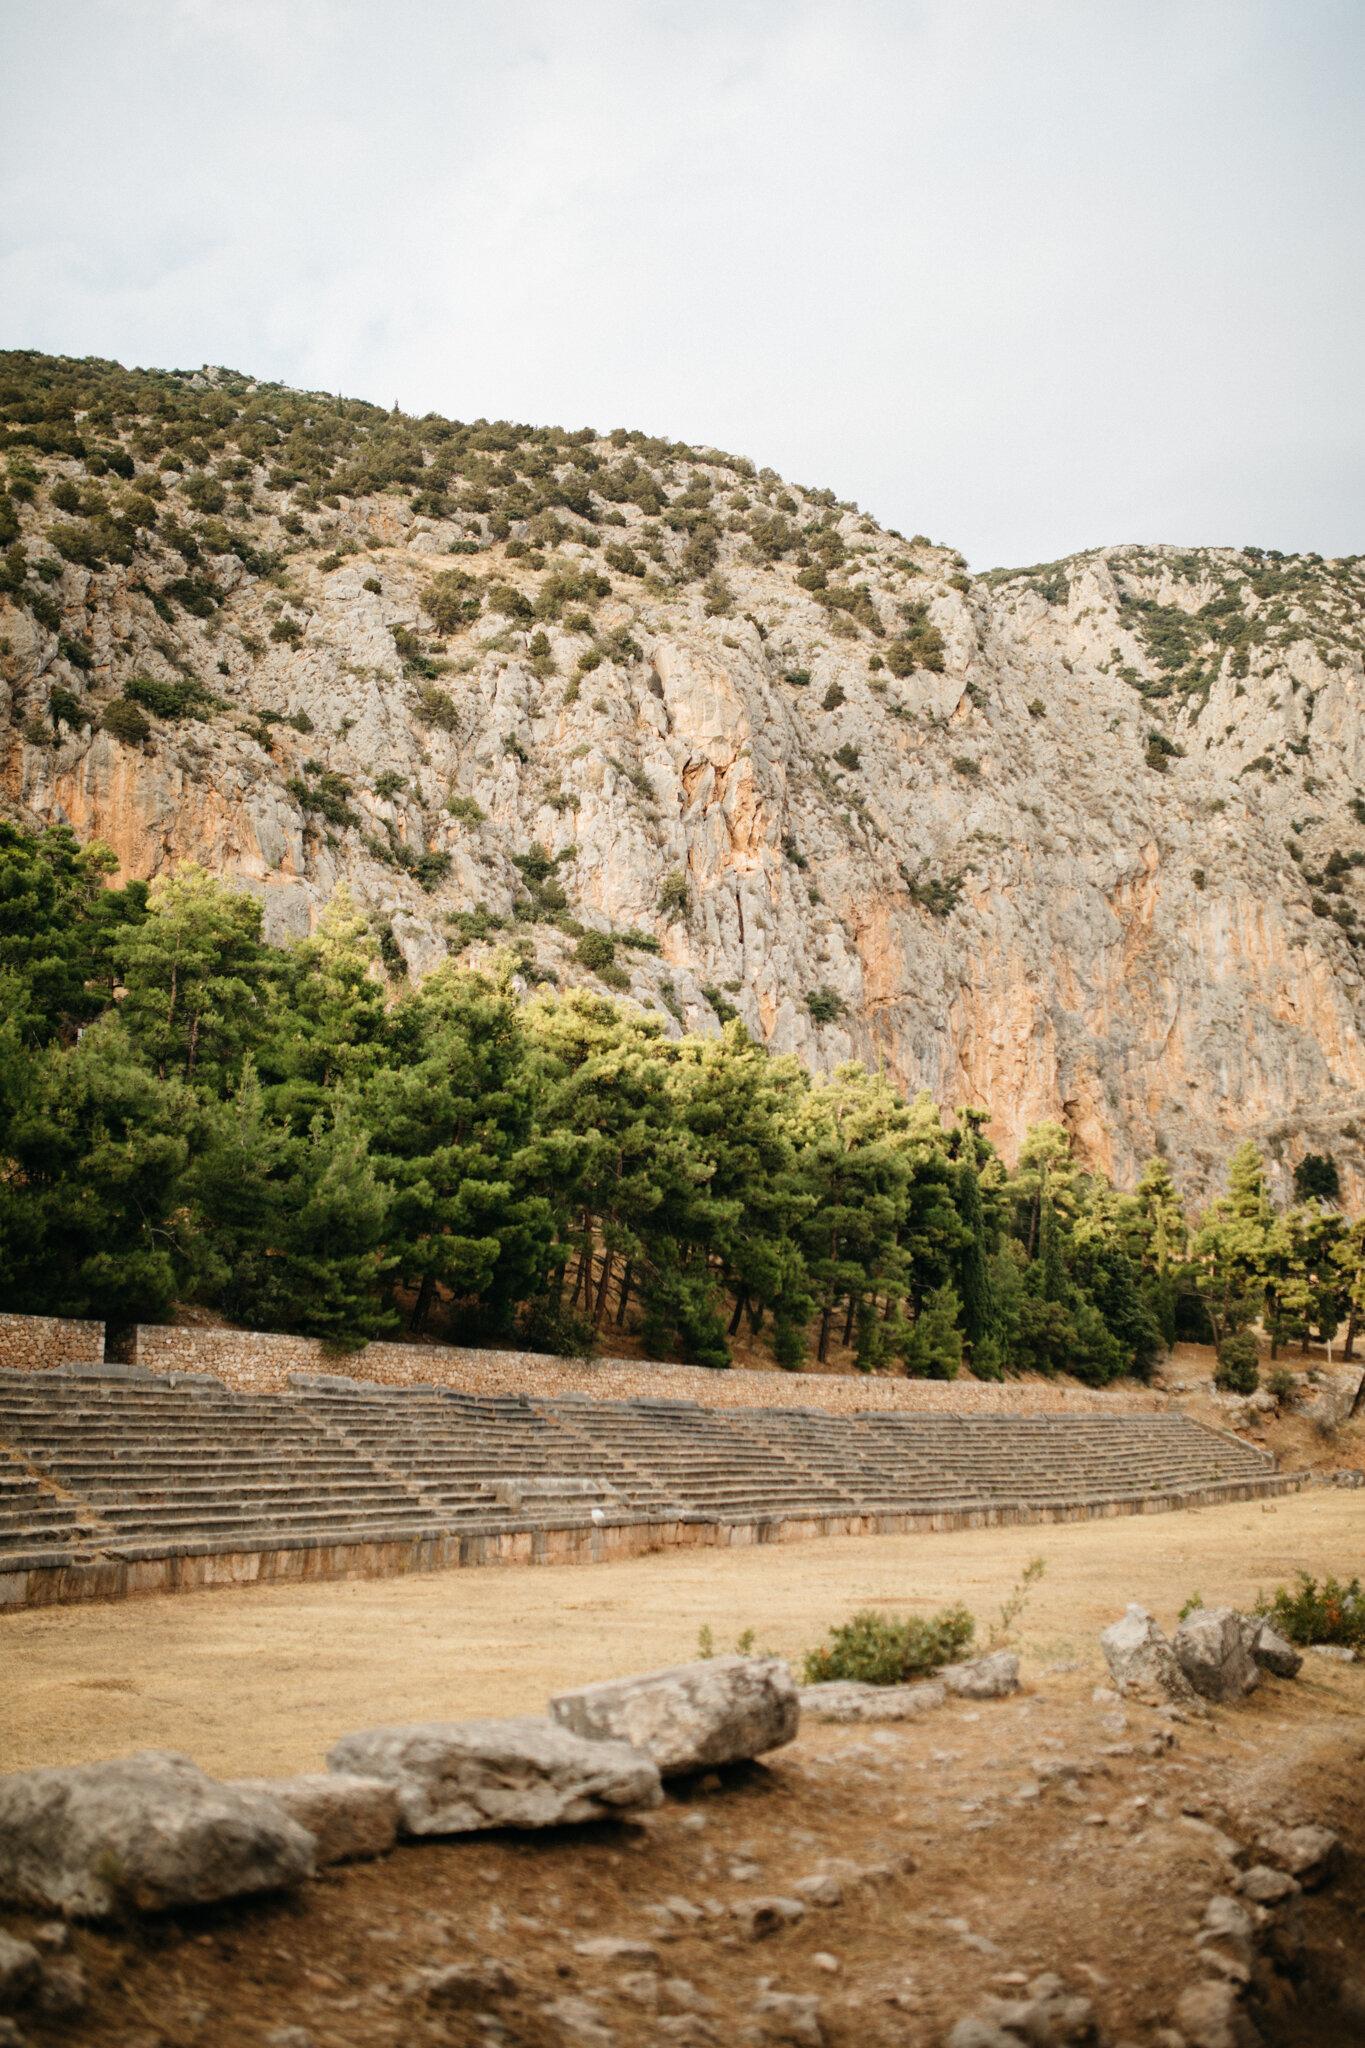 The ancient stadium at Delphi